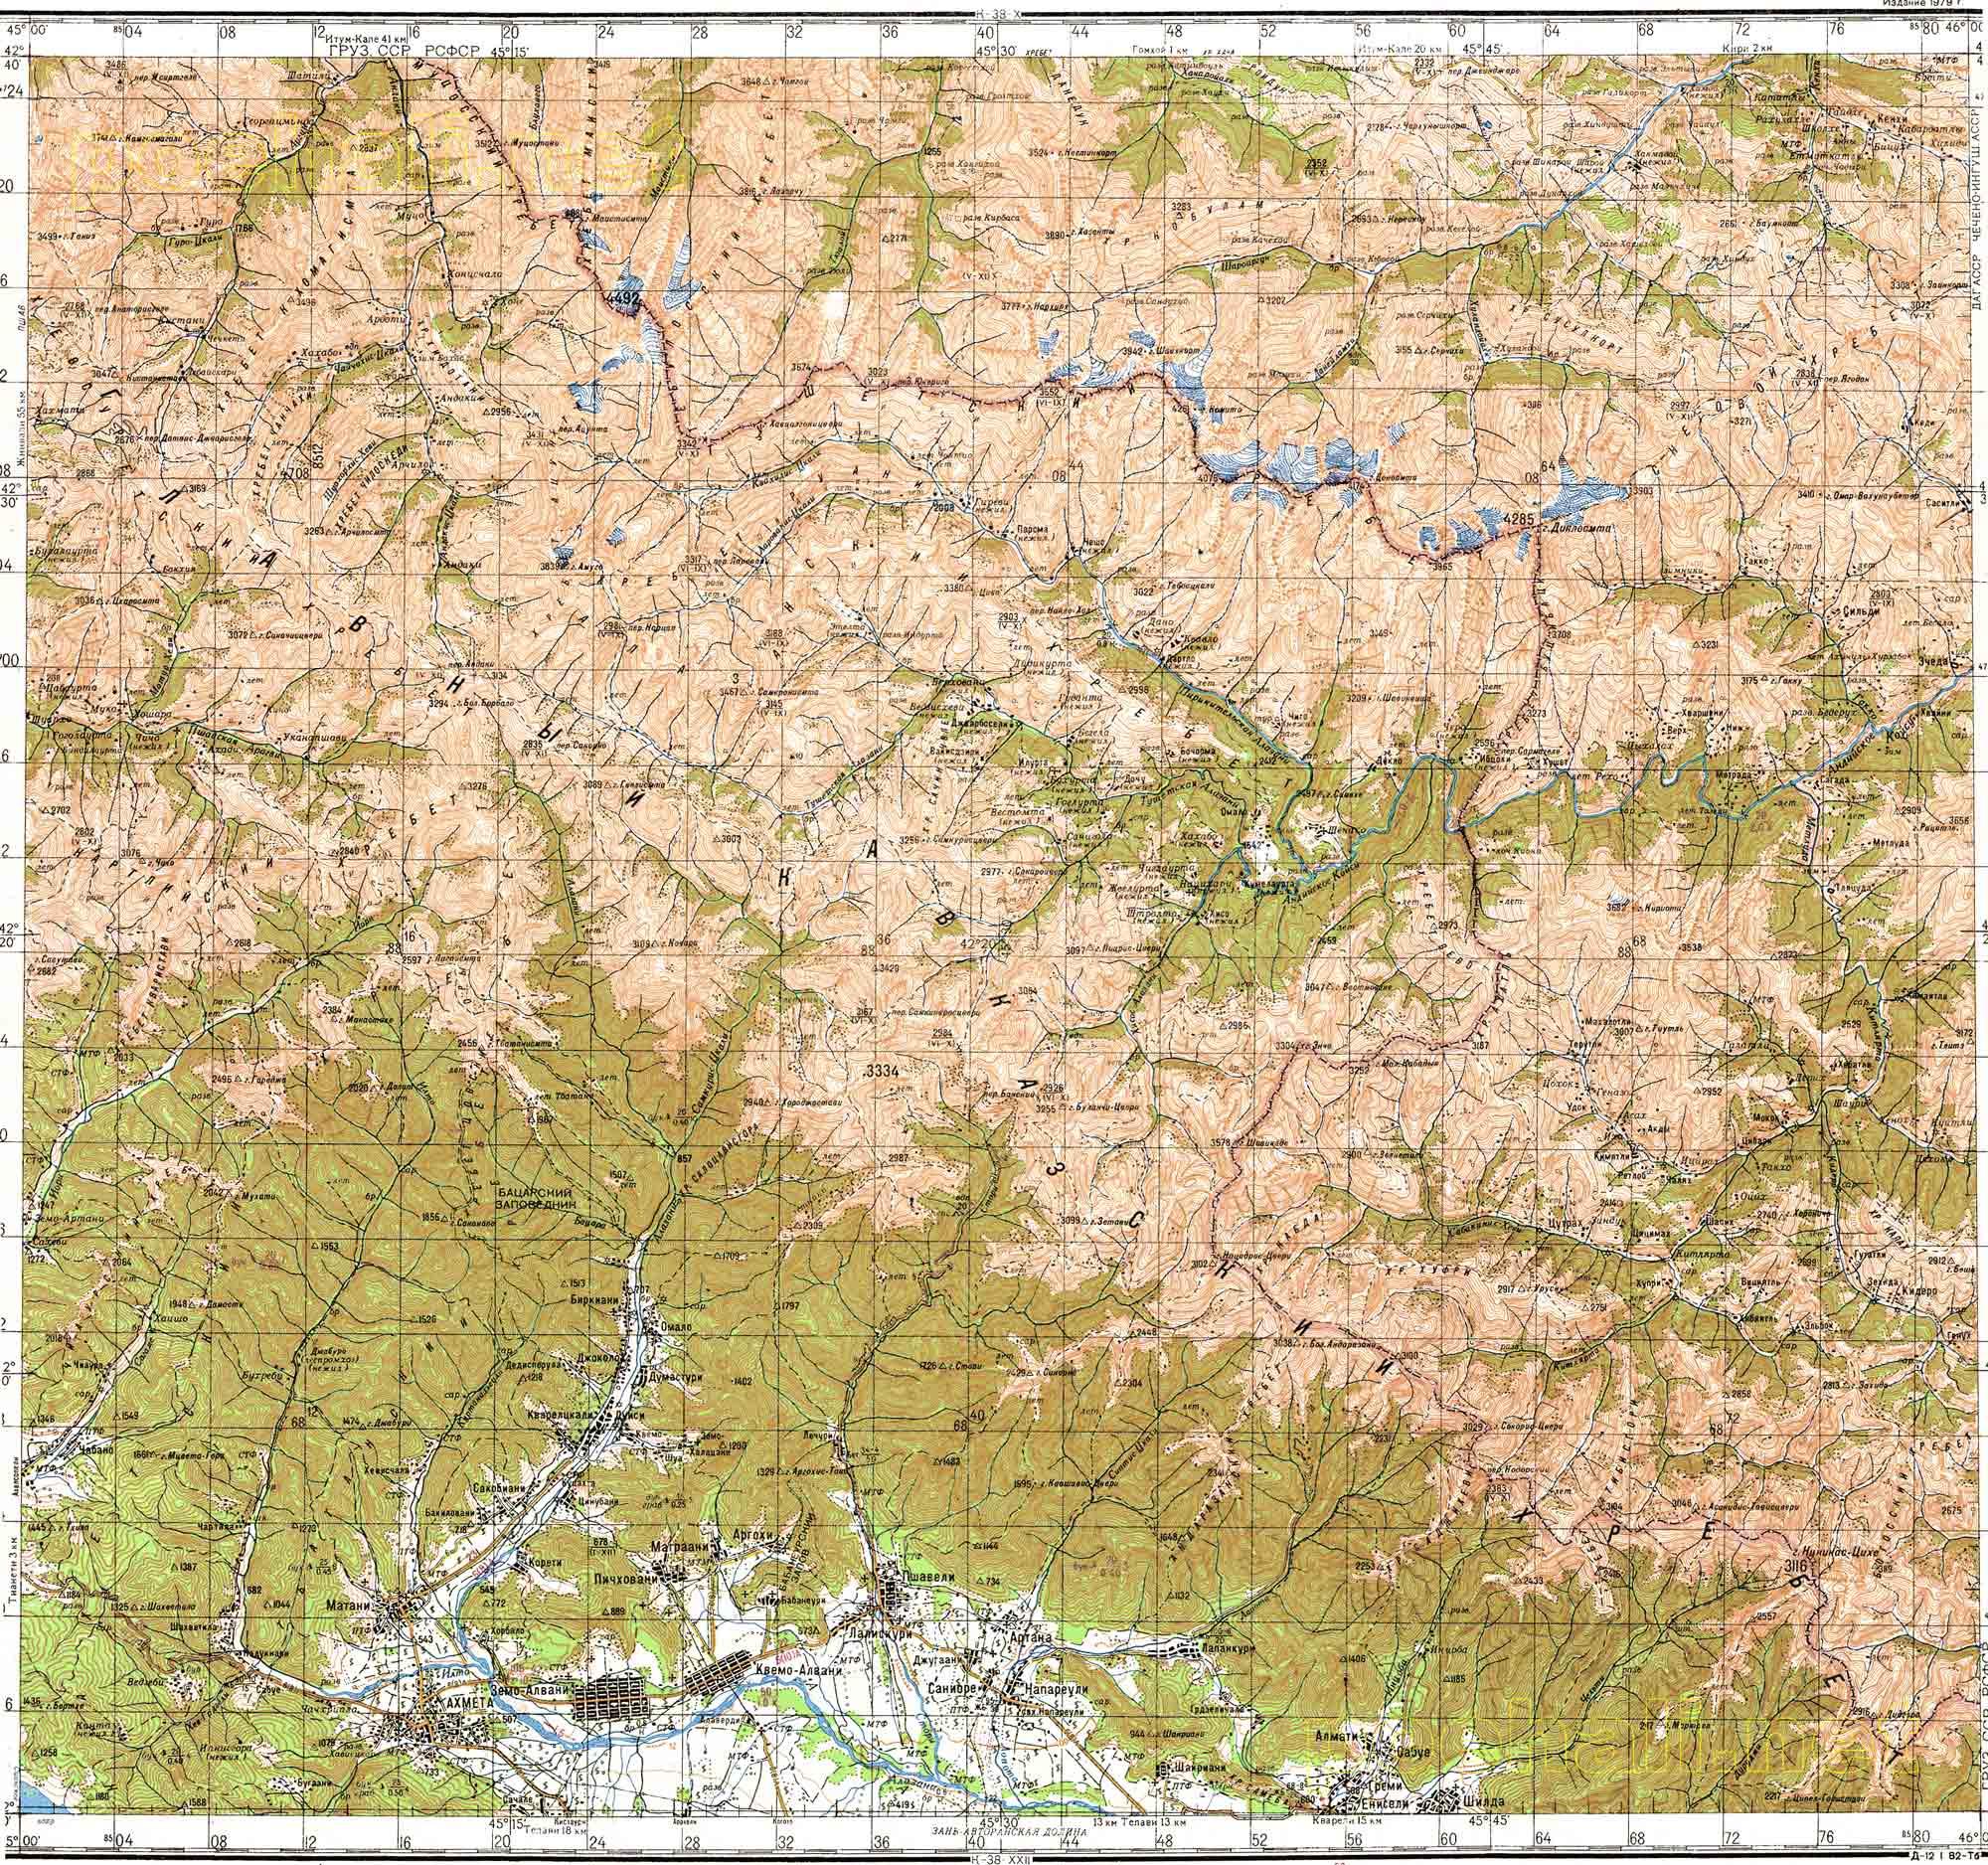 Карта грузии 1см 2км подробная